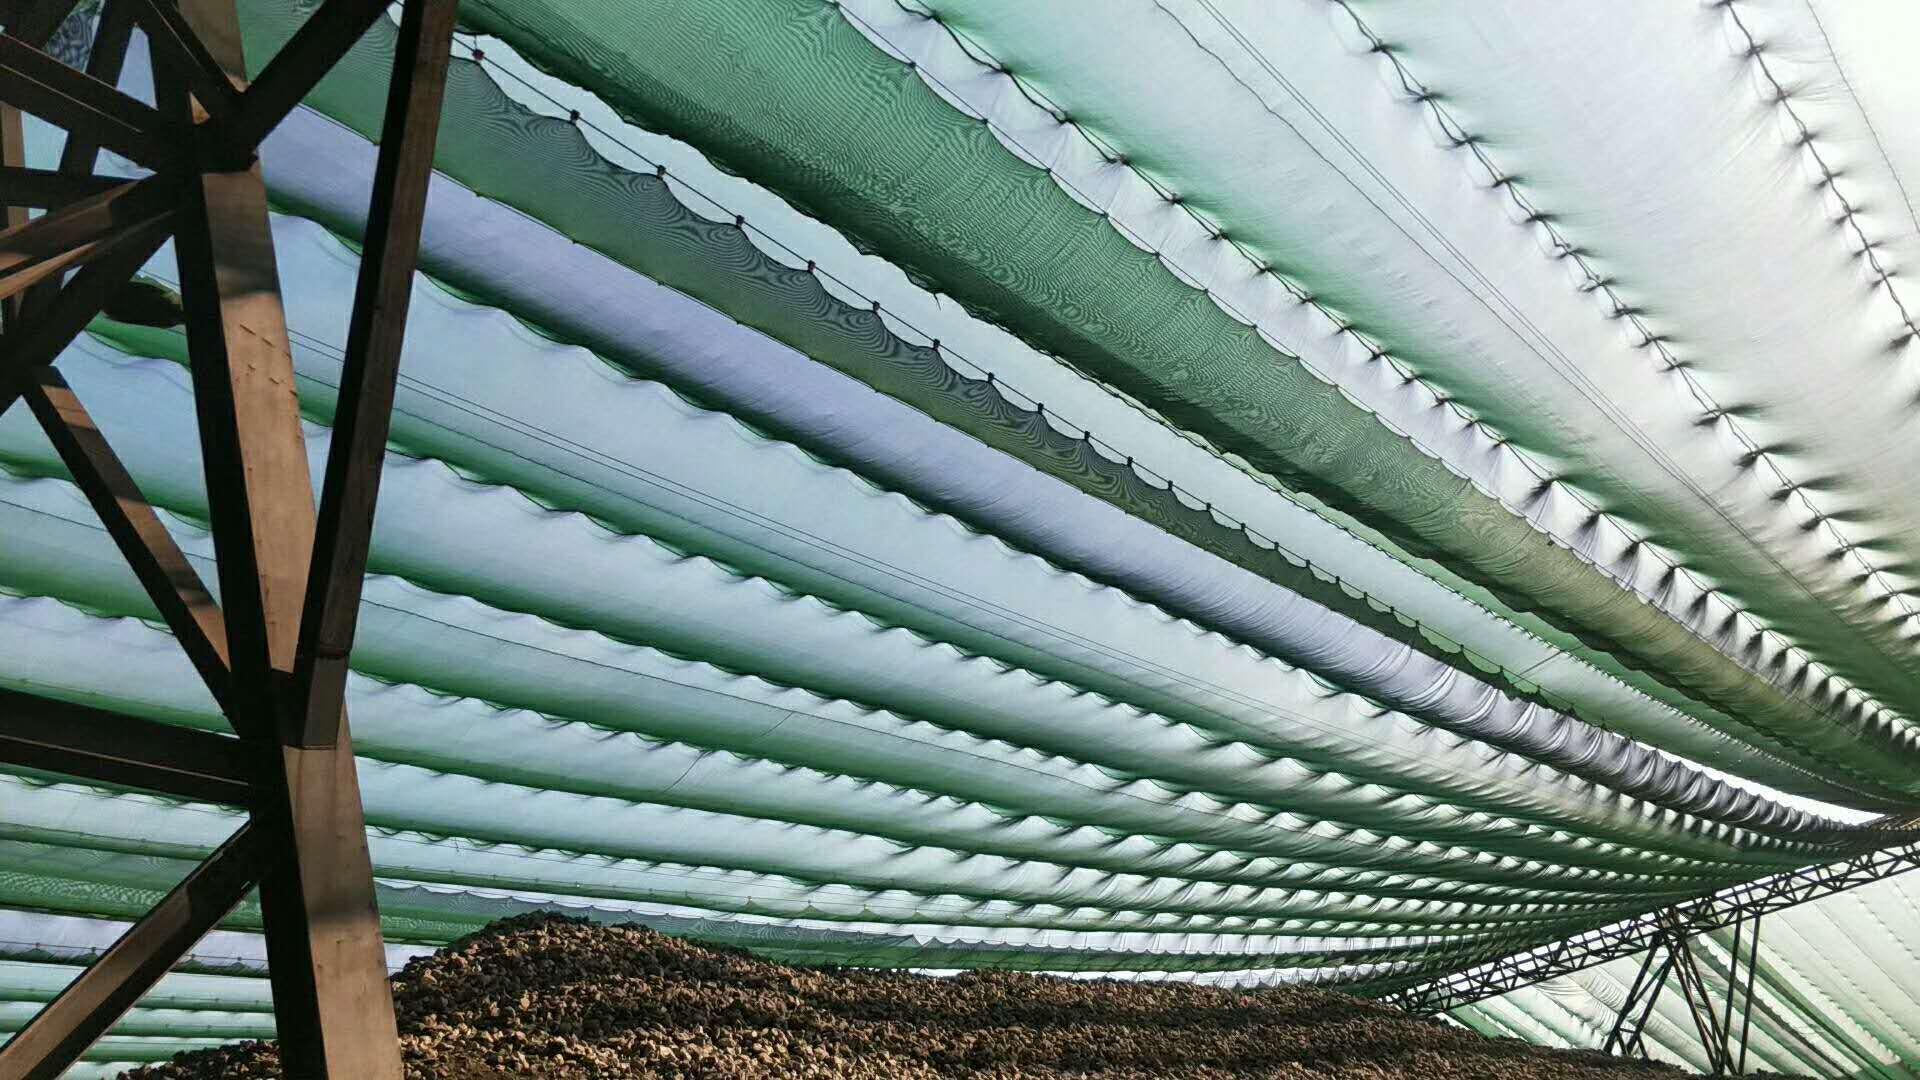 柔性防风抑尘网生产厂家,河北安平柔性防风抑尘网实体厂家,没有中间商赚差价,厂家直销示例图13